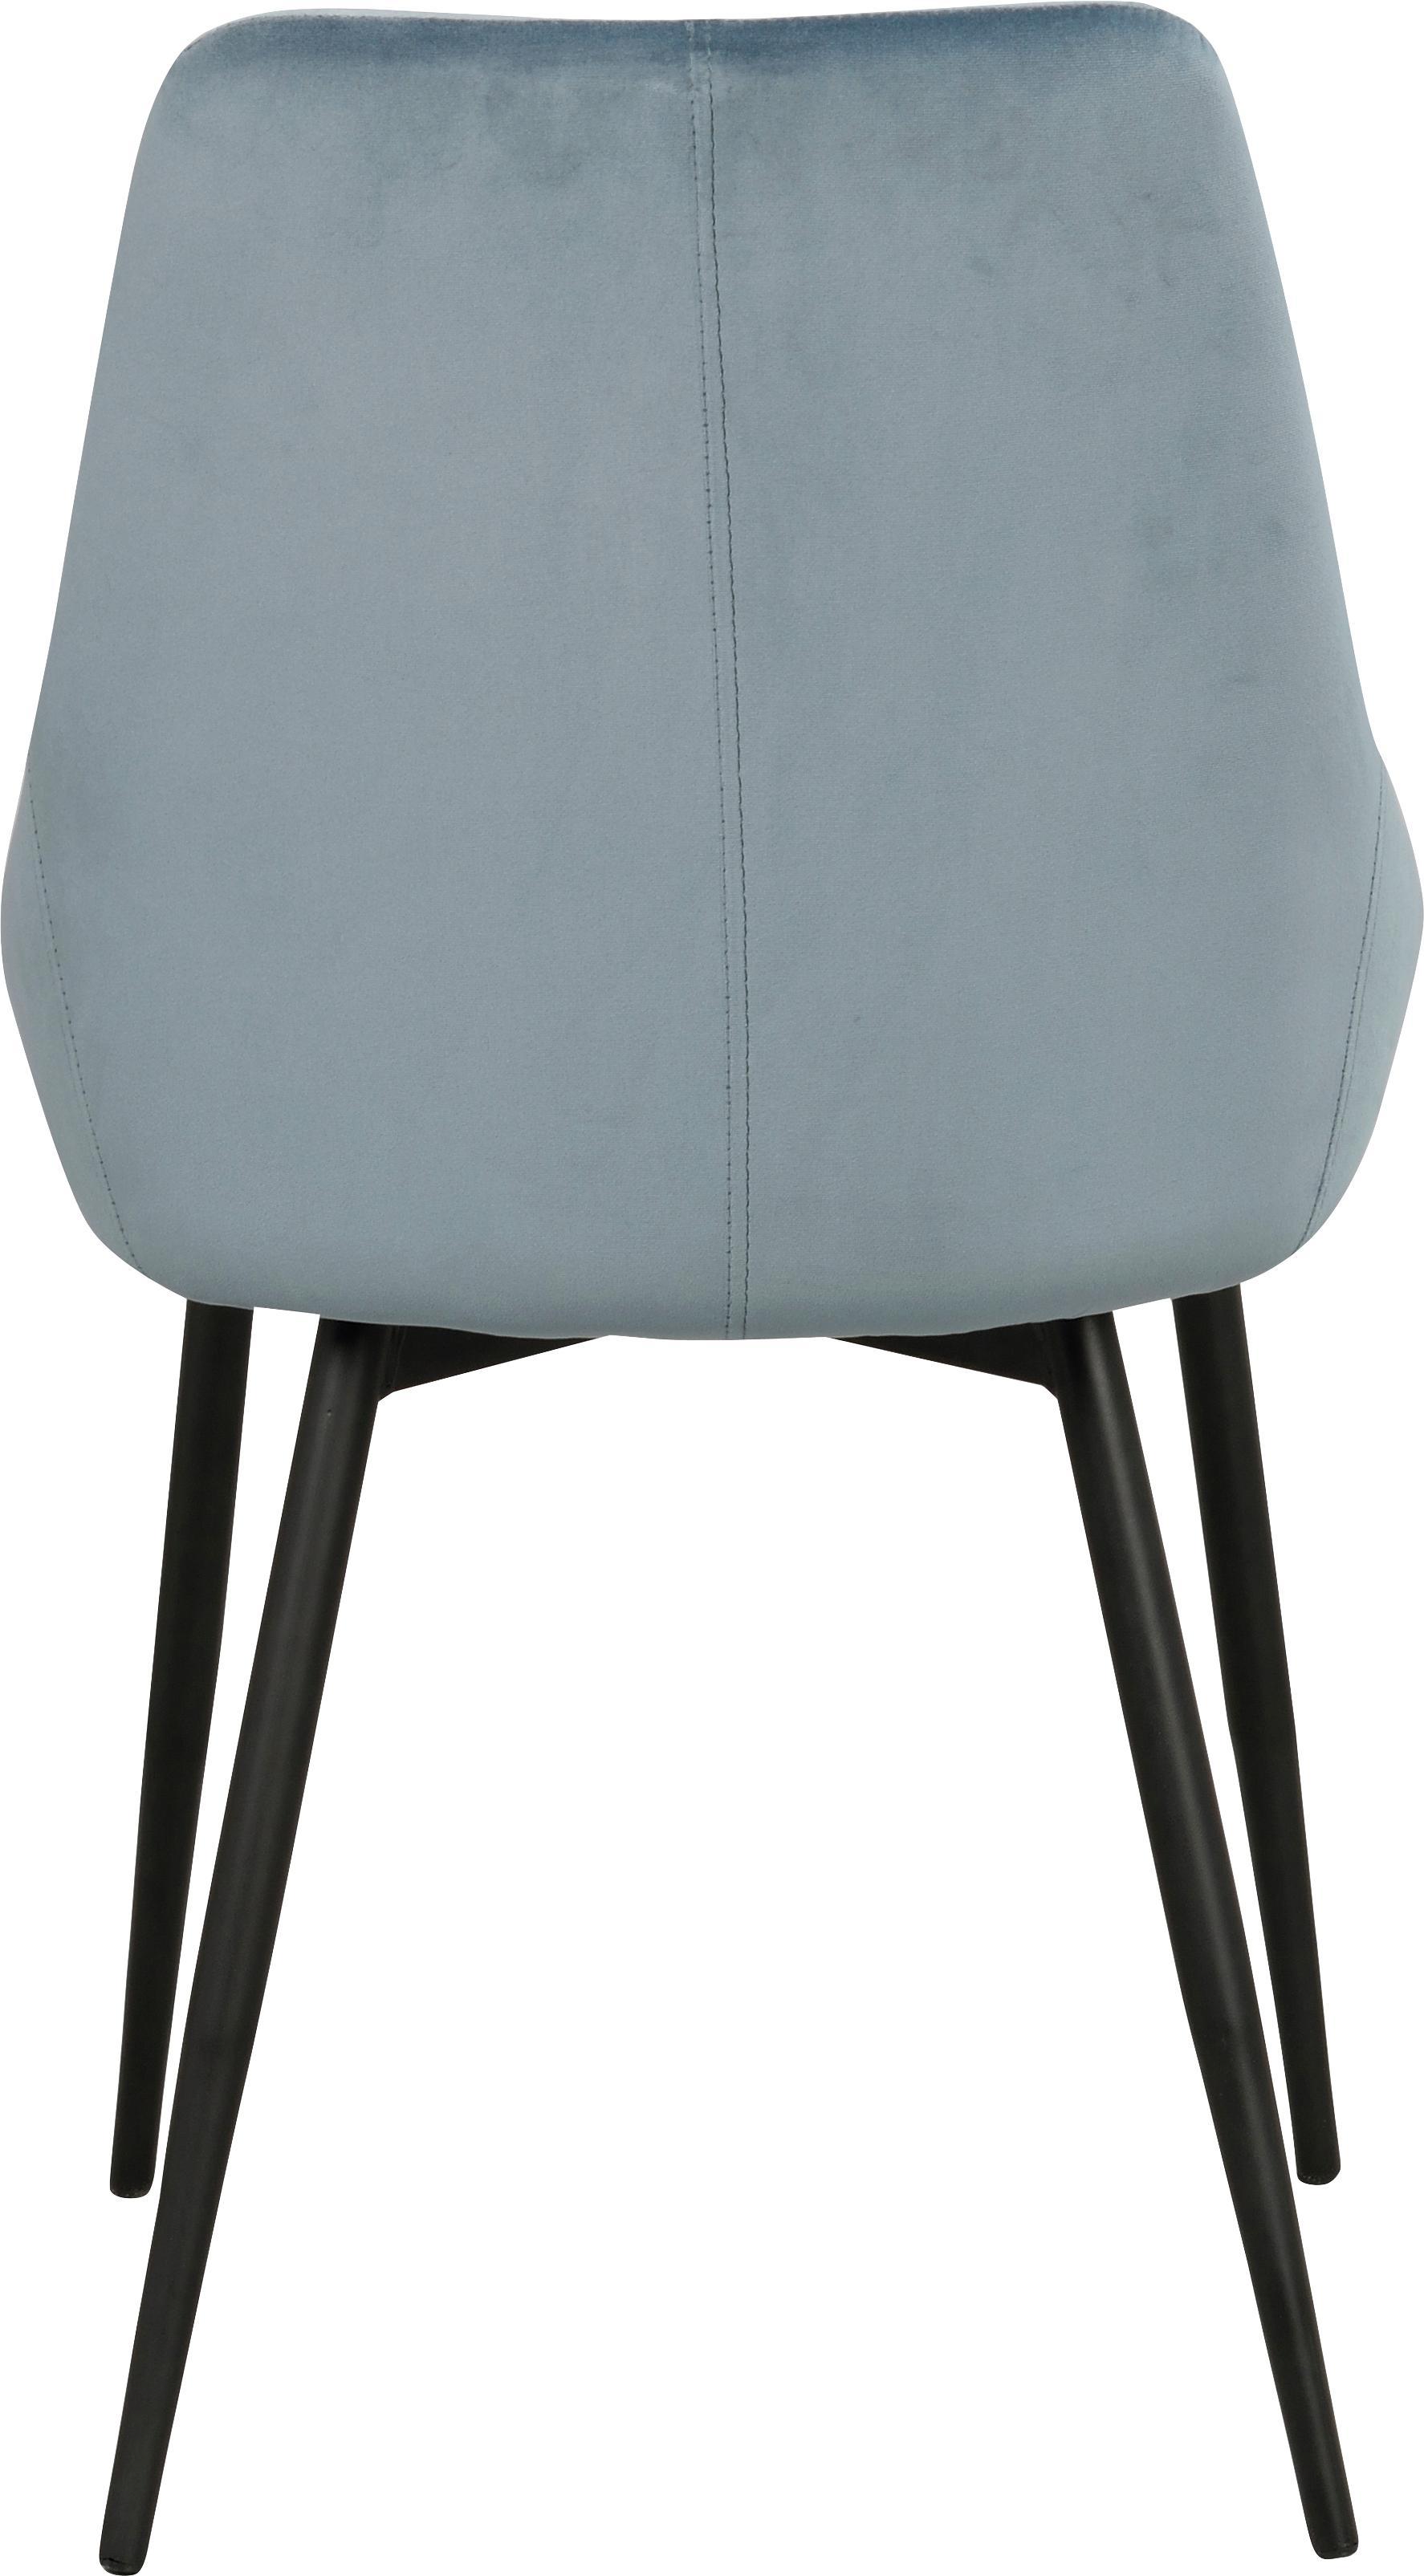 Chaises rembourrées en velours Sierra, 2 pièces, Bleu, noir